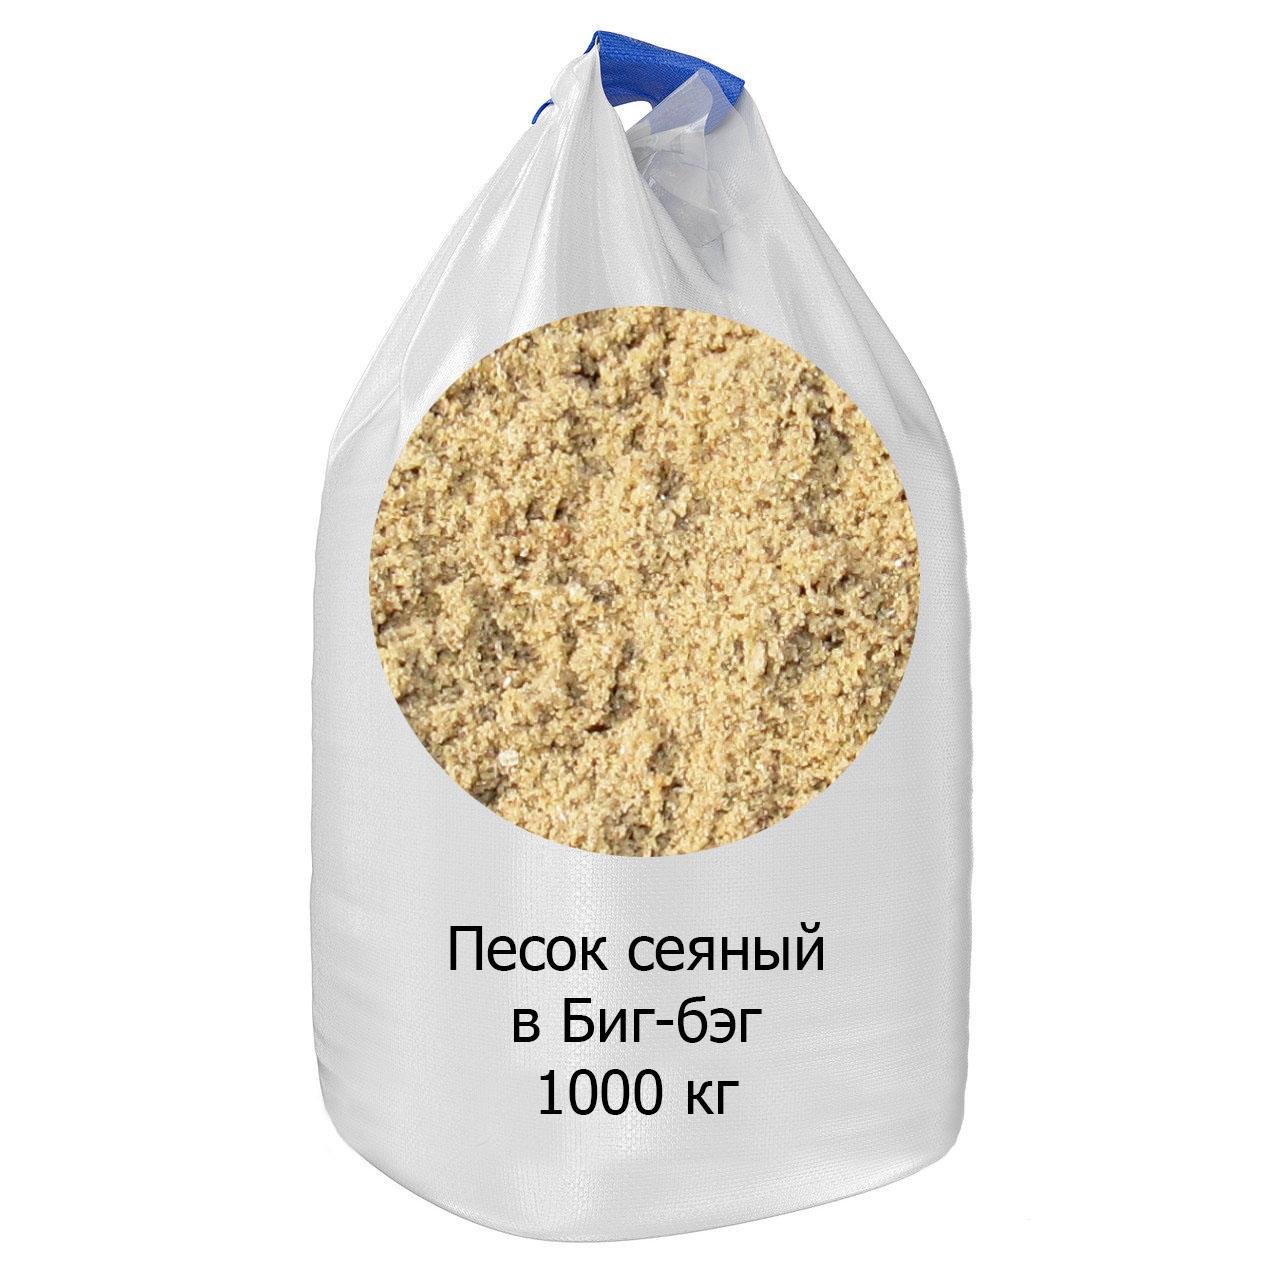 Песок сеяный в биг-бегах (МКР)